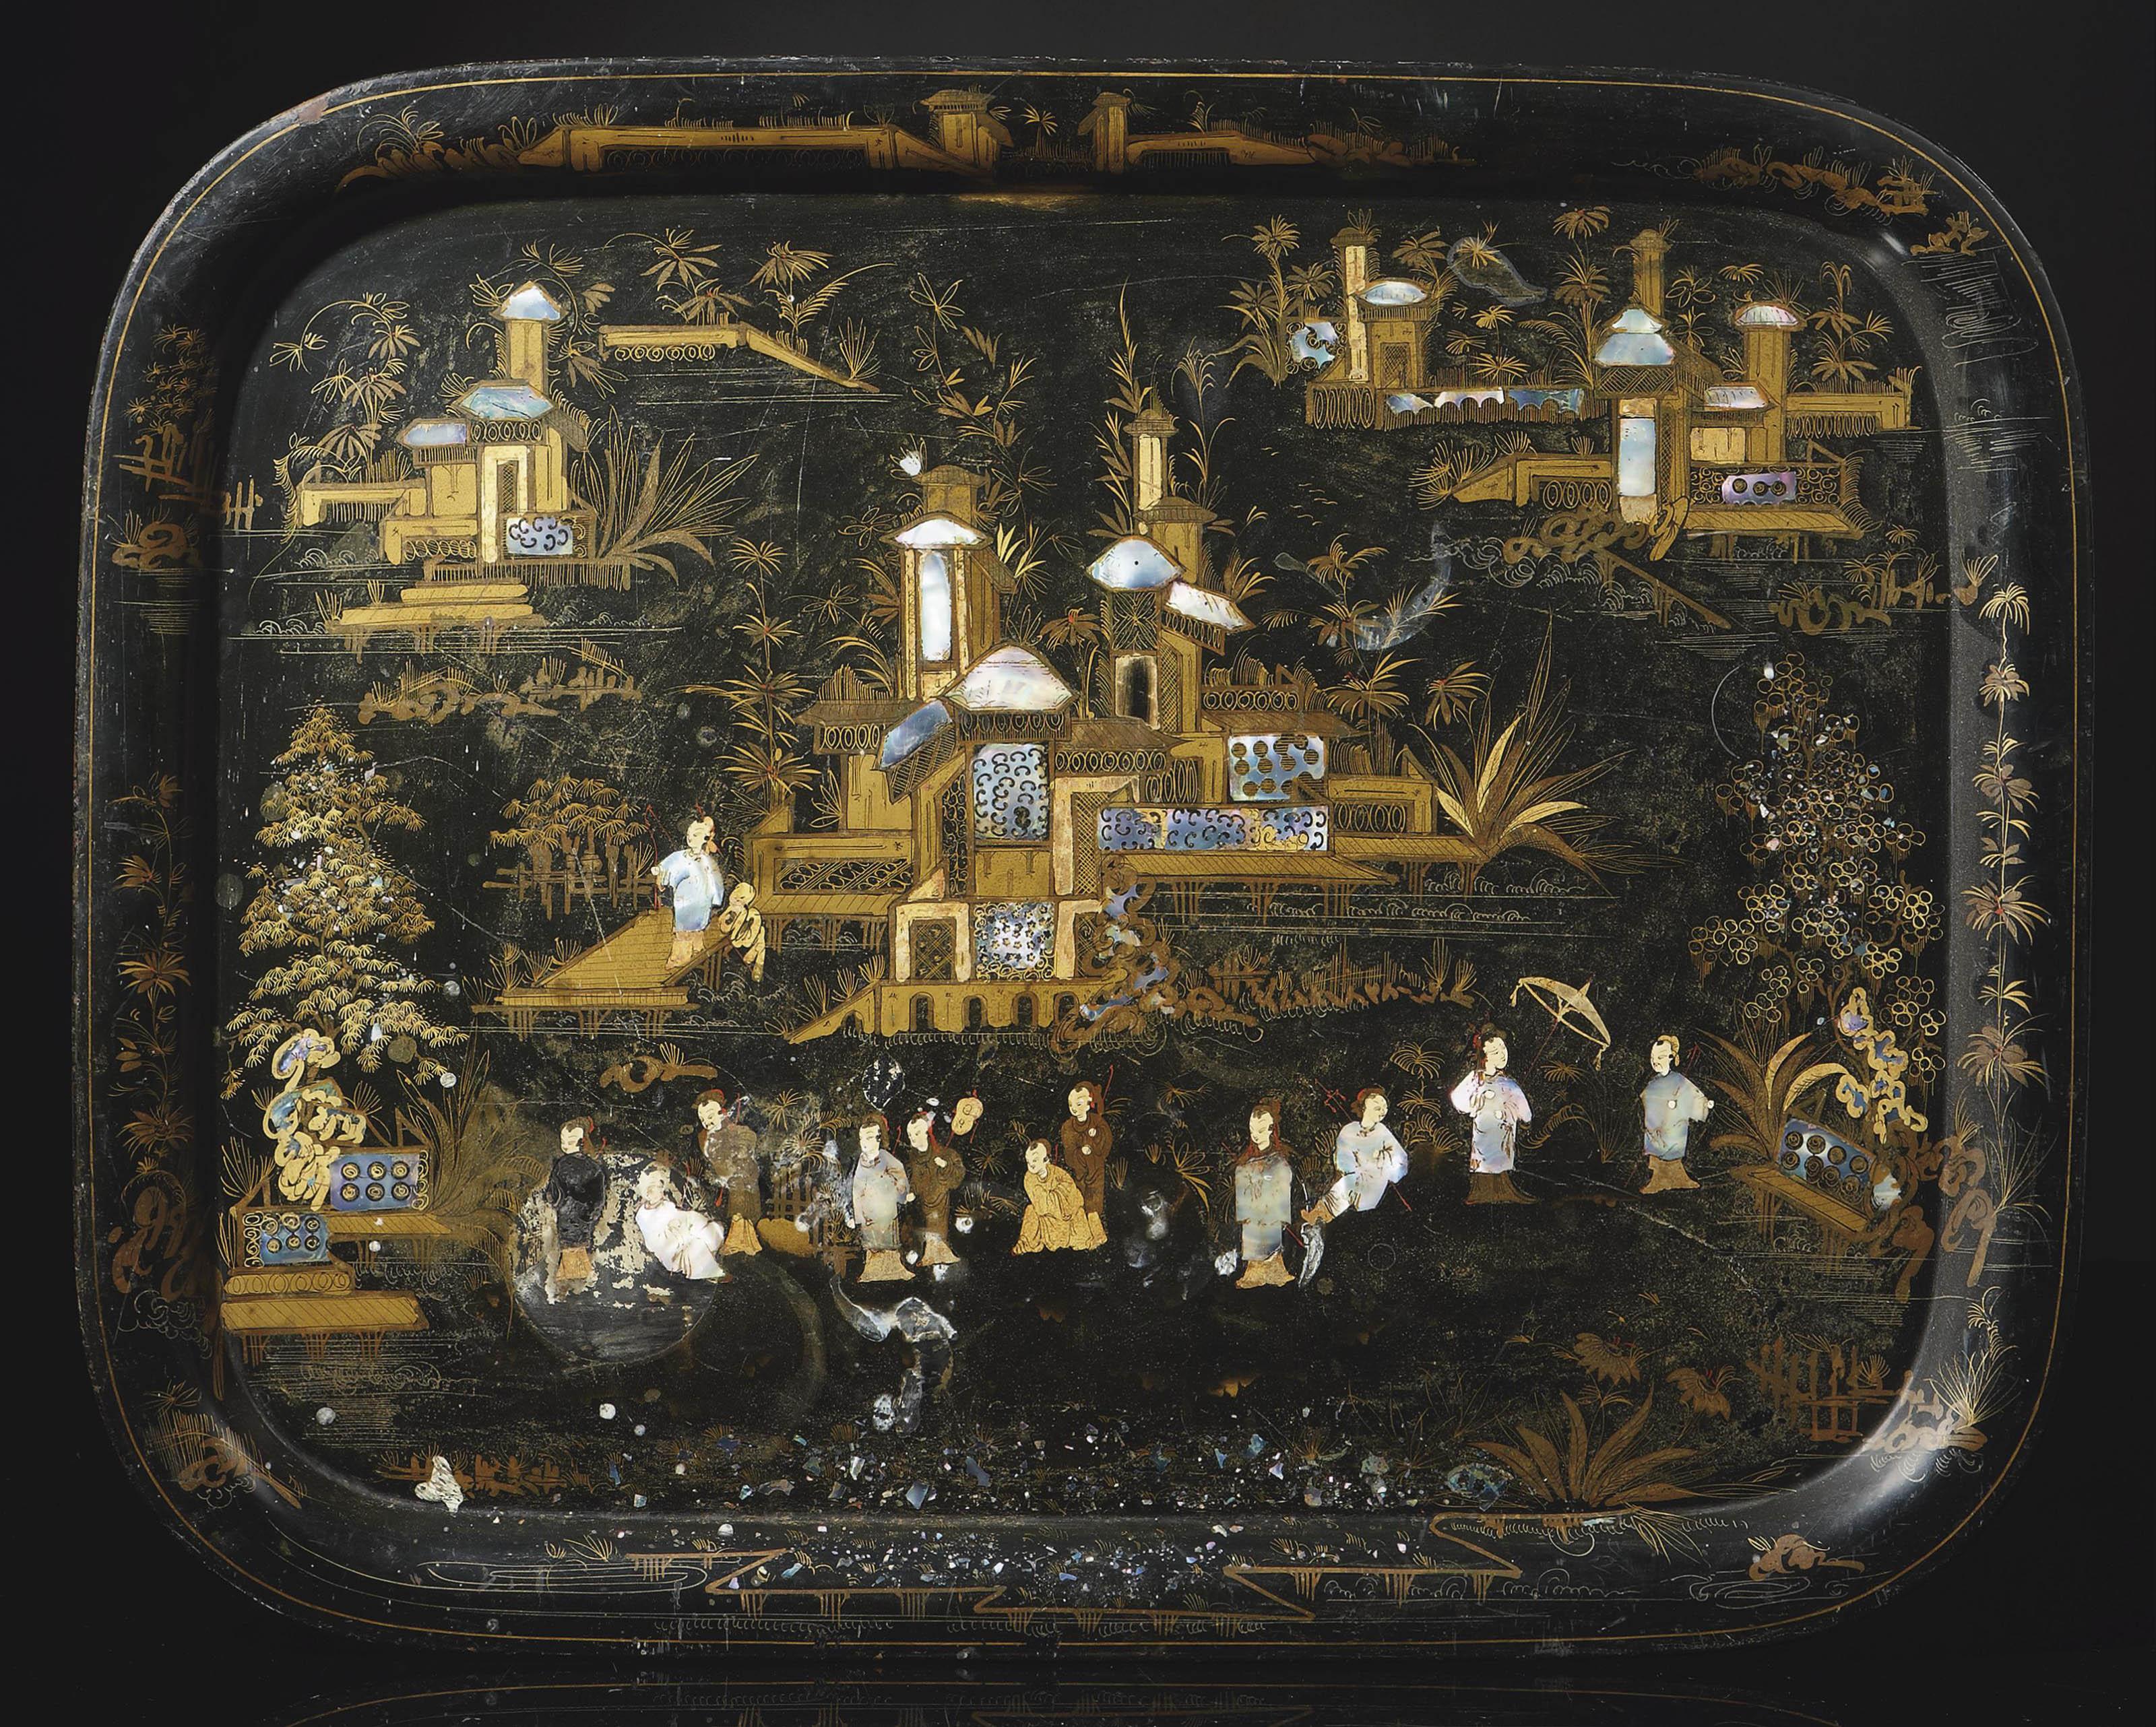 plateau d 39 epoque napoleon iii troisieme quart du xixeme siecle christie 39 s. Black Bedroom Furniture Sets. Home Design Ideas